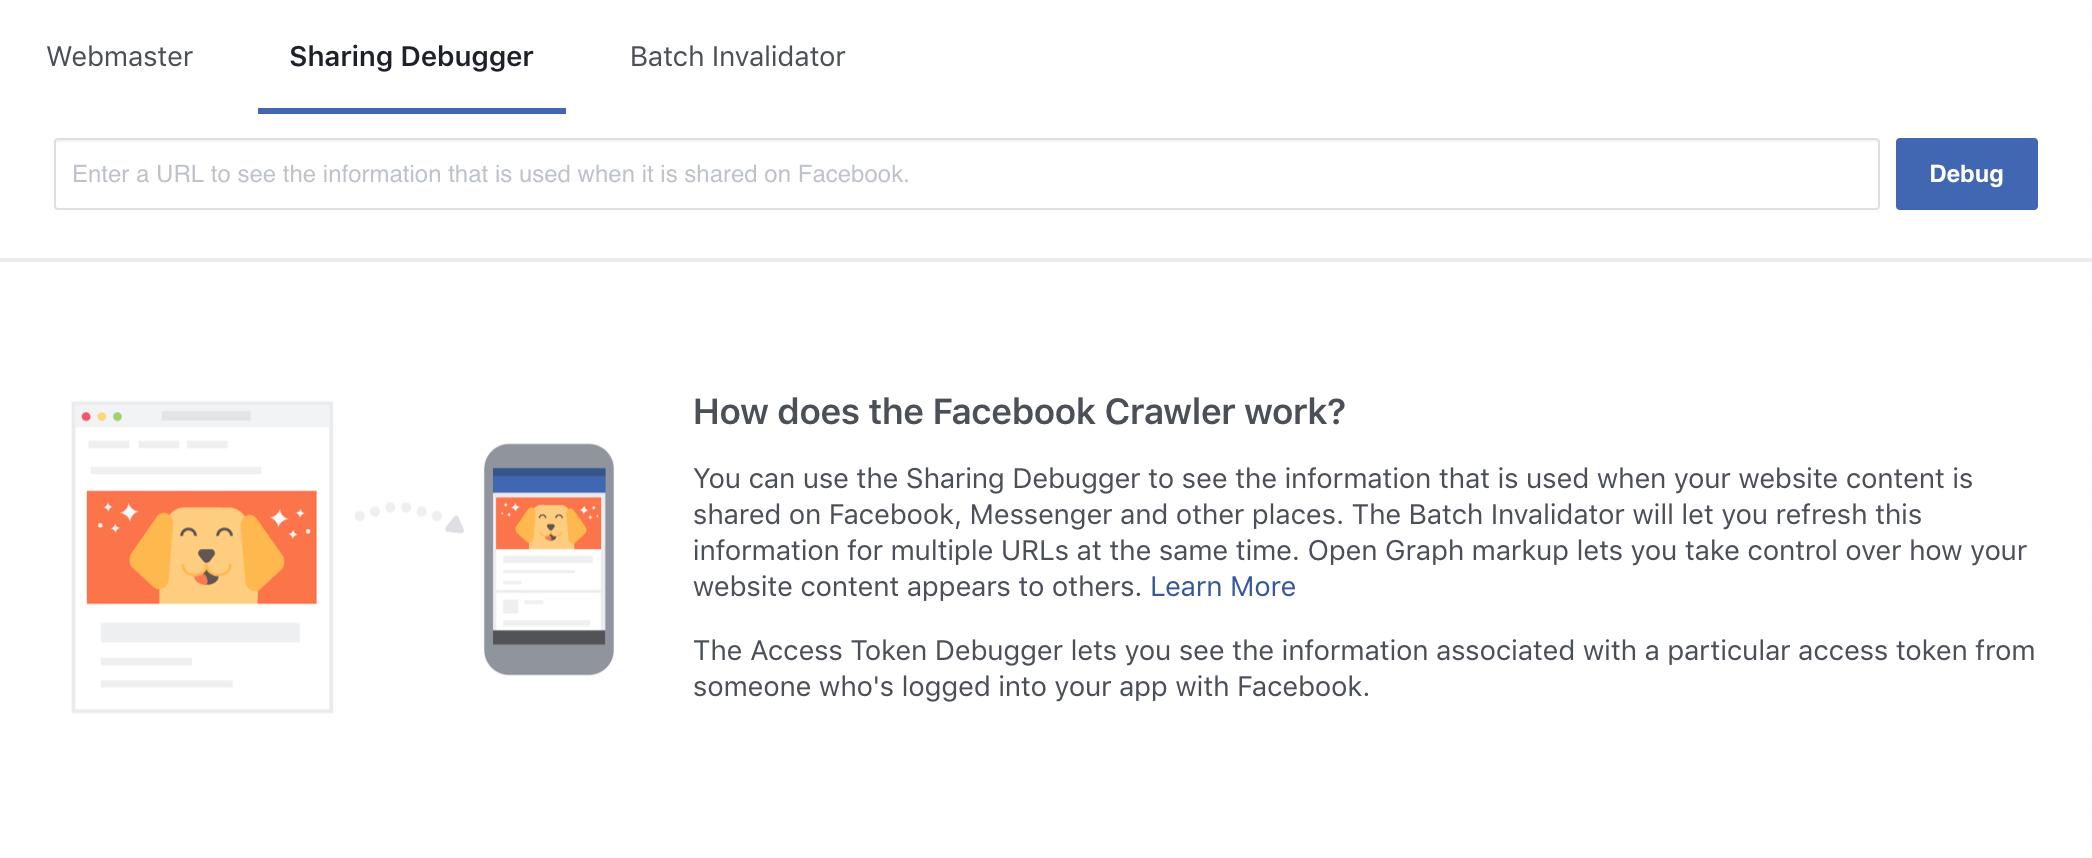 如何取消对Facebook-1上被阻止的URL的解锁方法如何取消对Facebook上被阻止的URL的访问